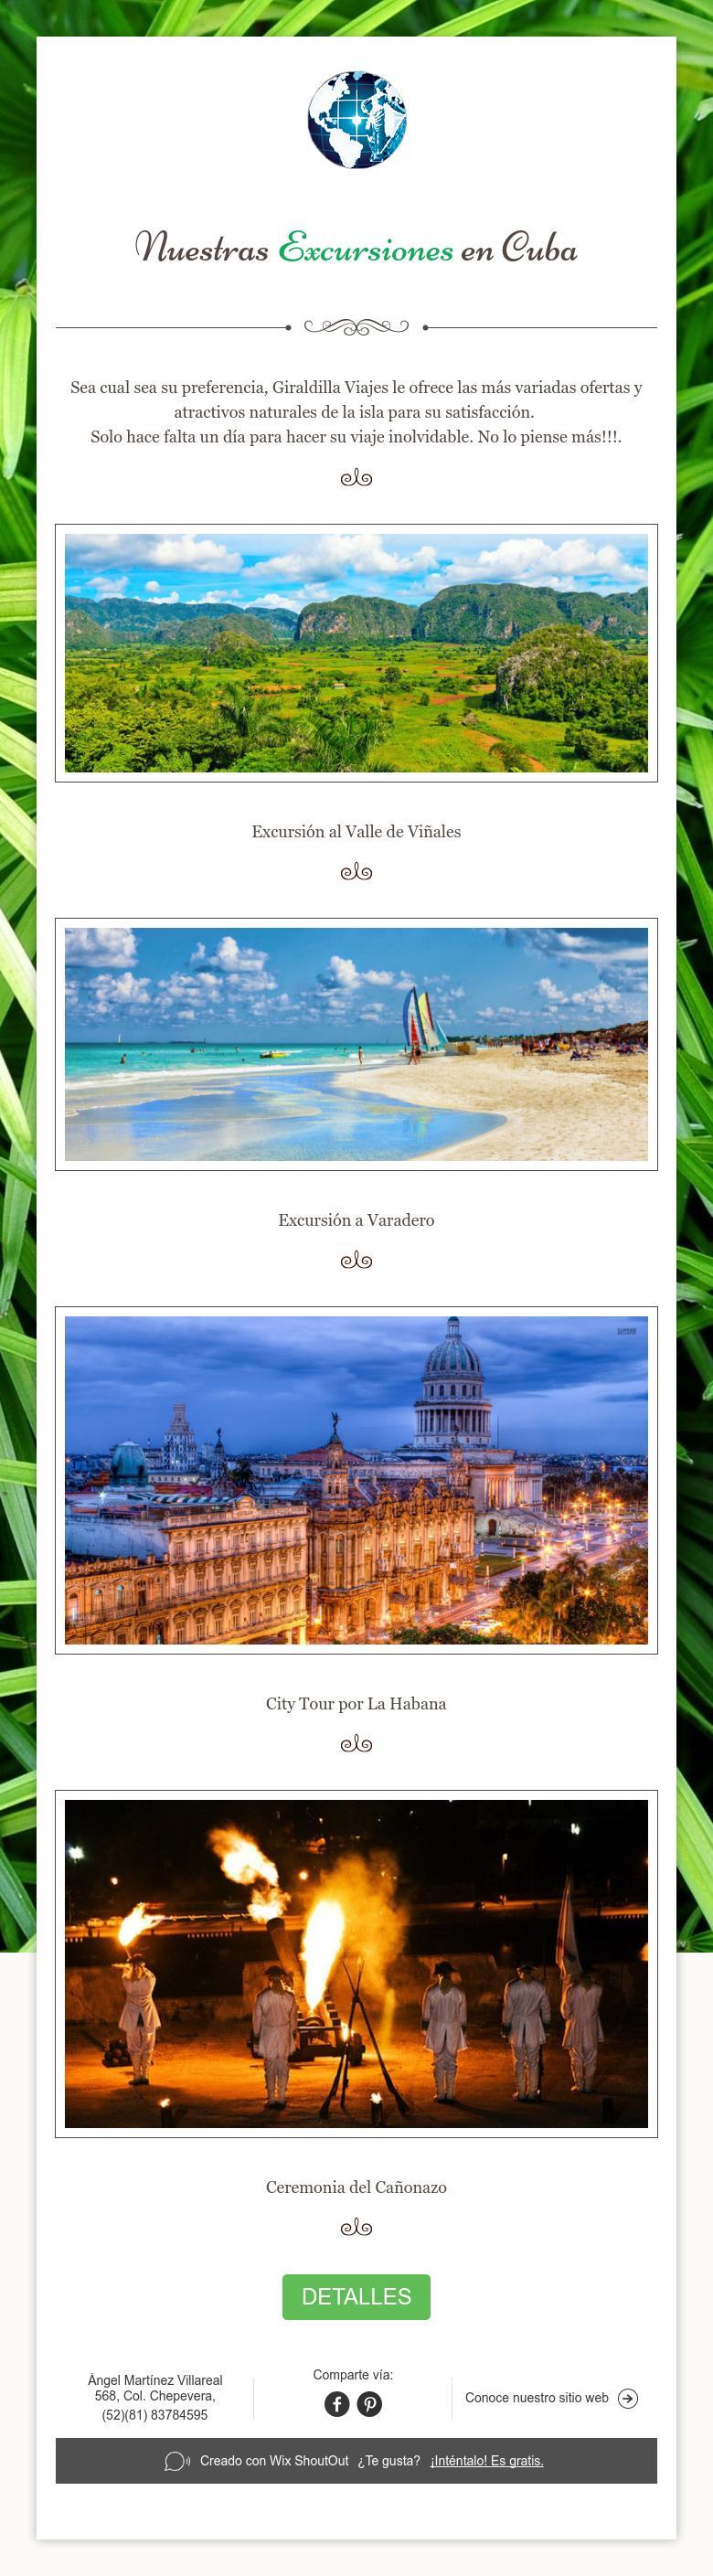 Nuestras Excursiones en Cuba